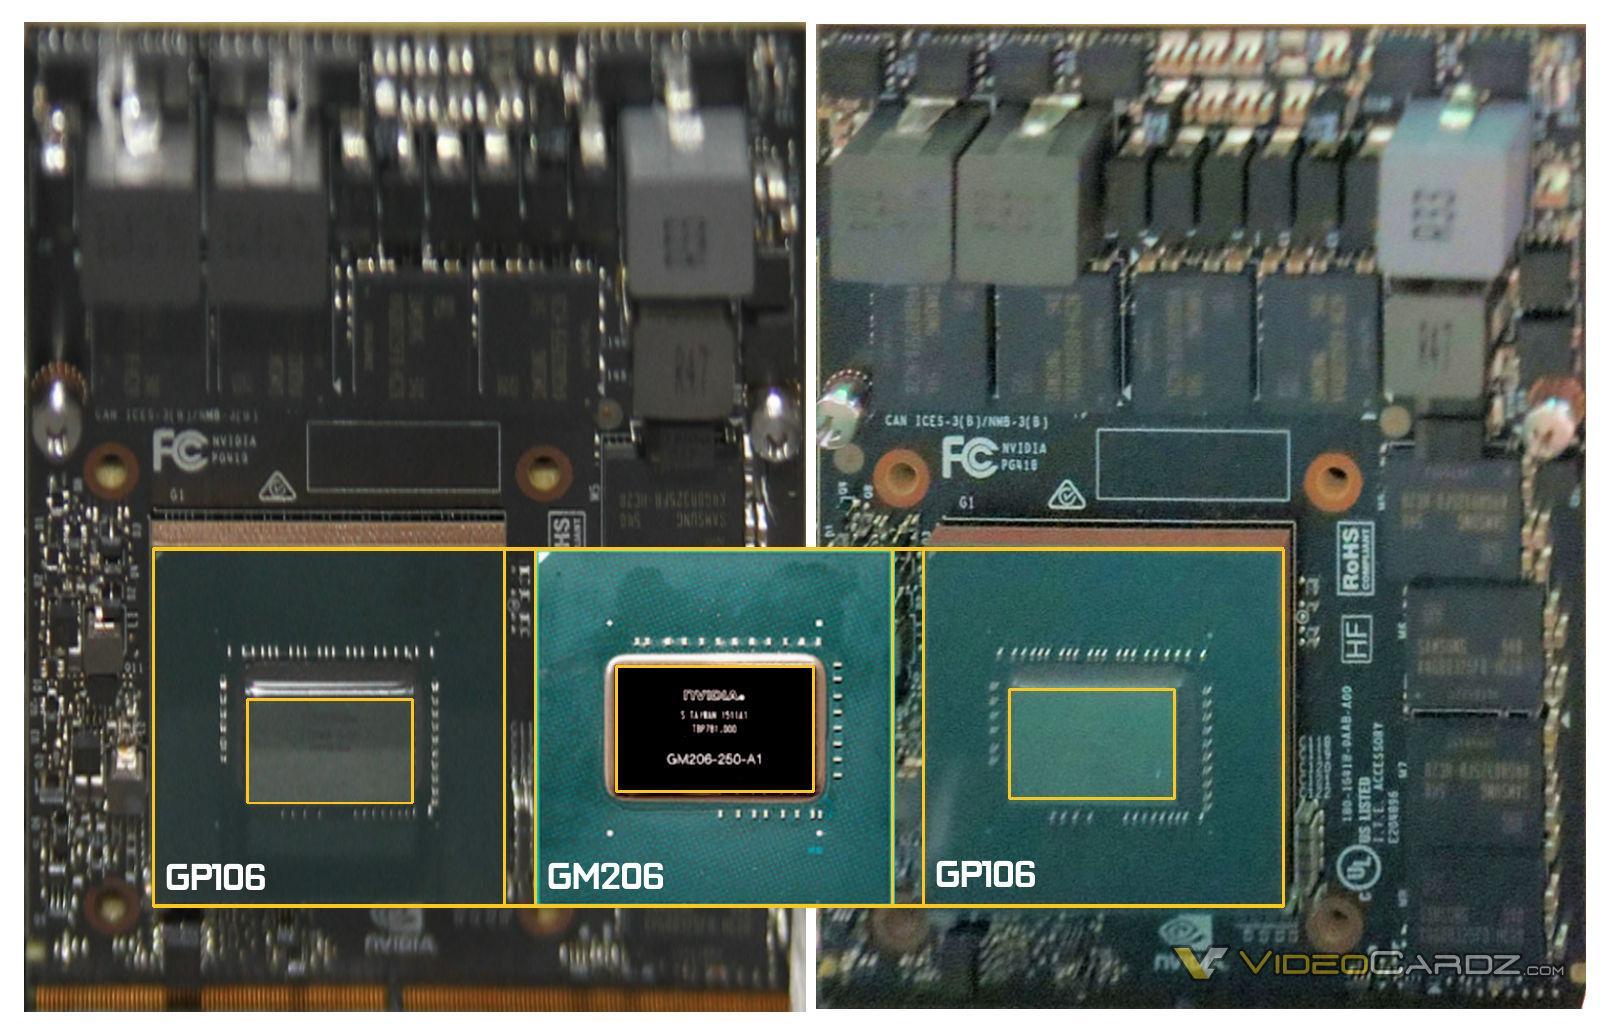 Nvidia Pascal GP106 die